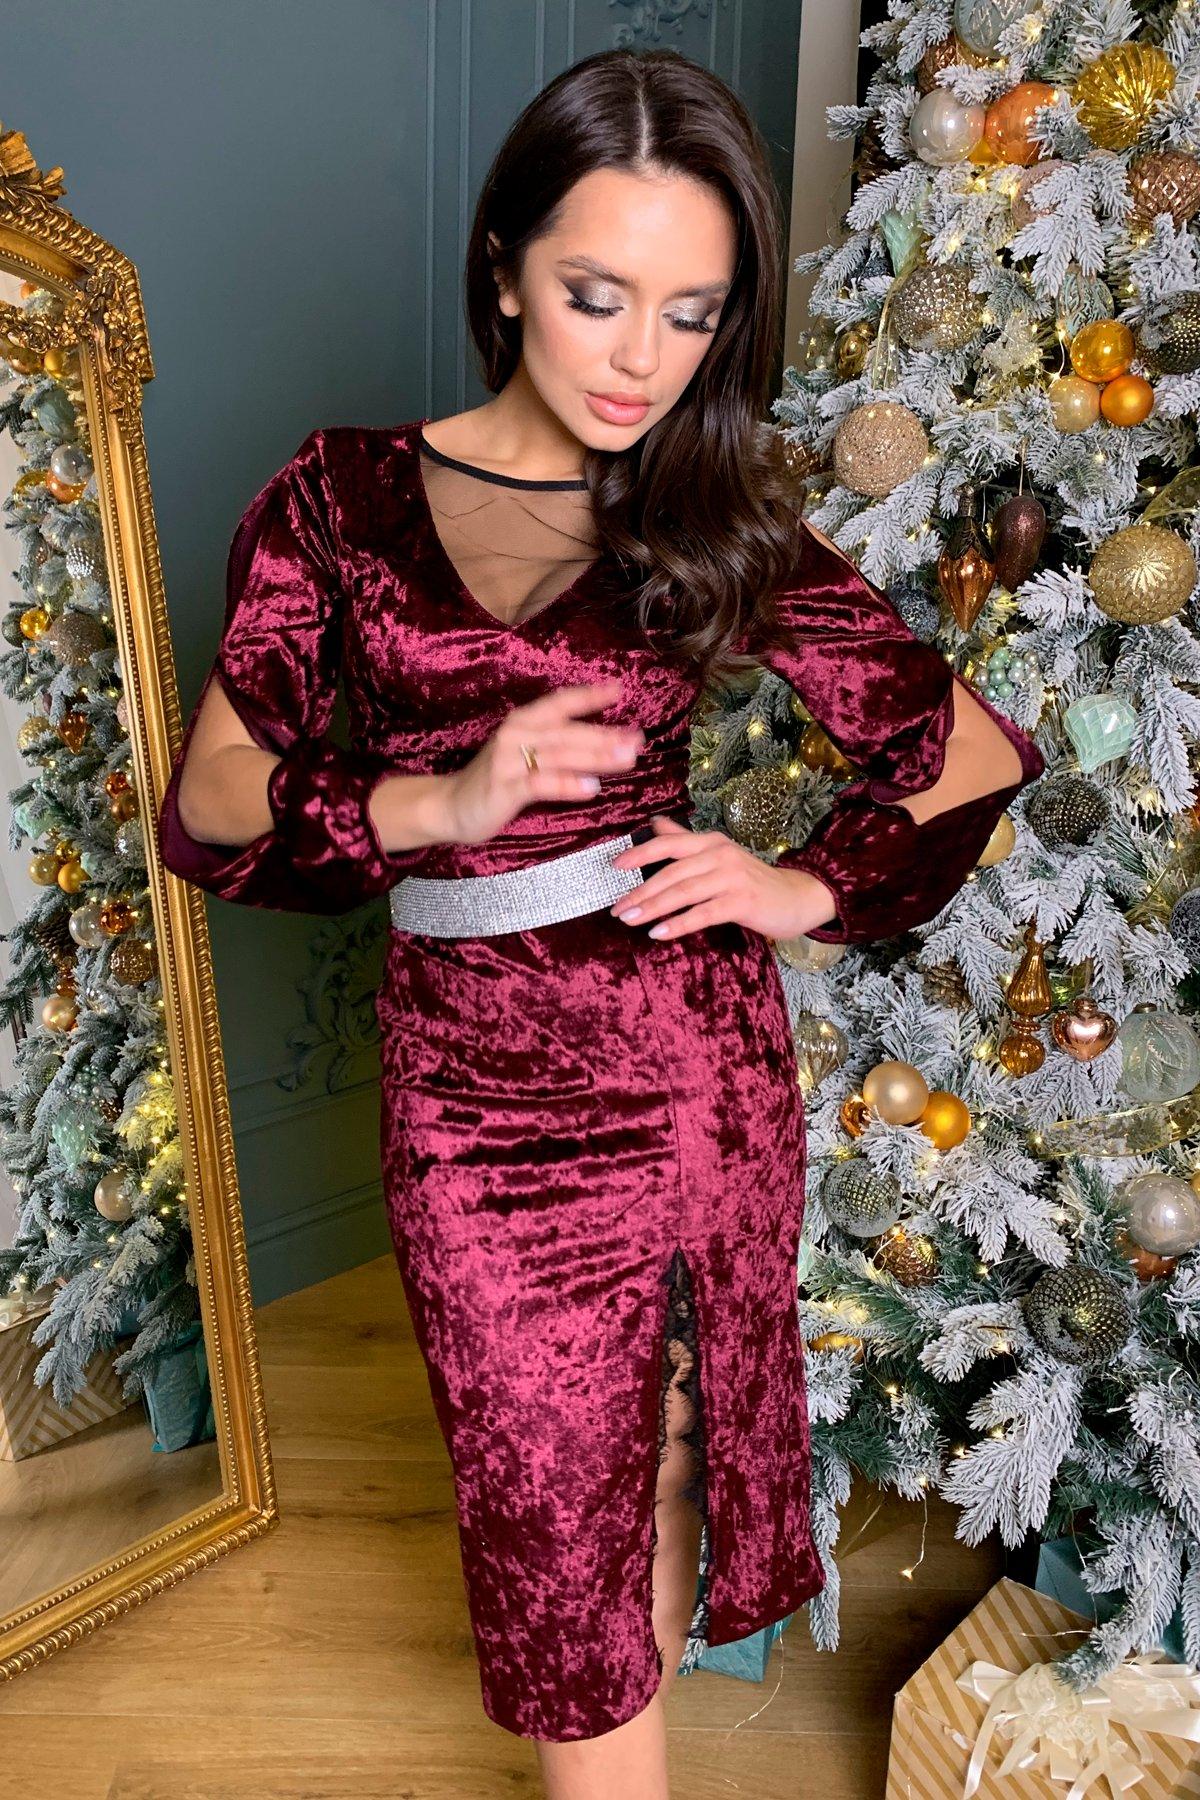 Нарядное велюровое платье Блек 8647 АРТ. 44965 Цвет: Винный - фото 5, интернет магазин tm-modus.ru